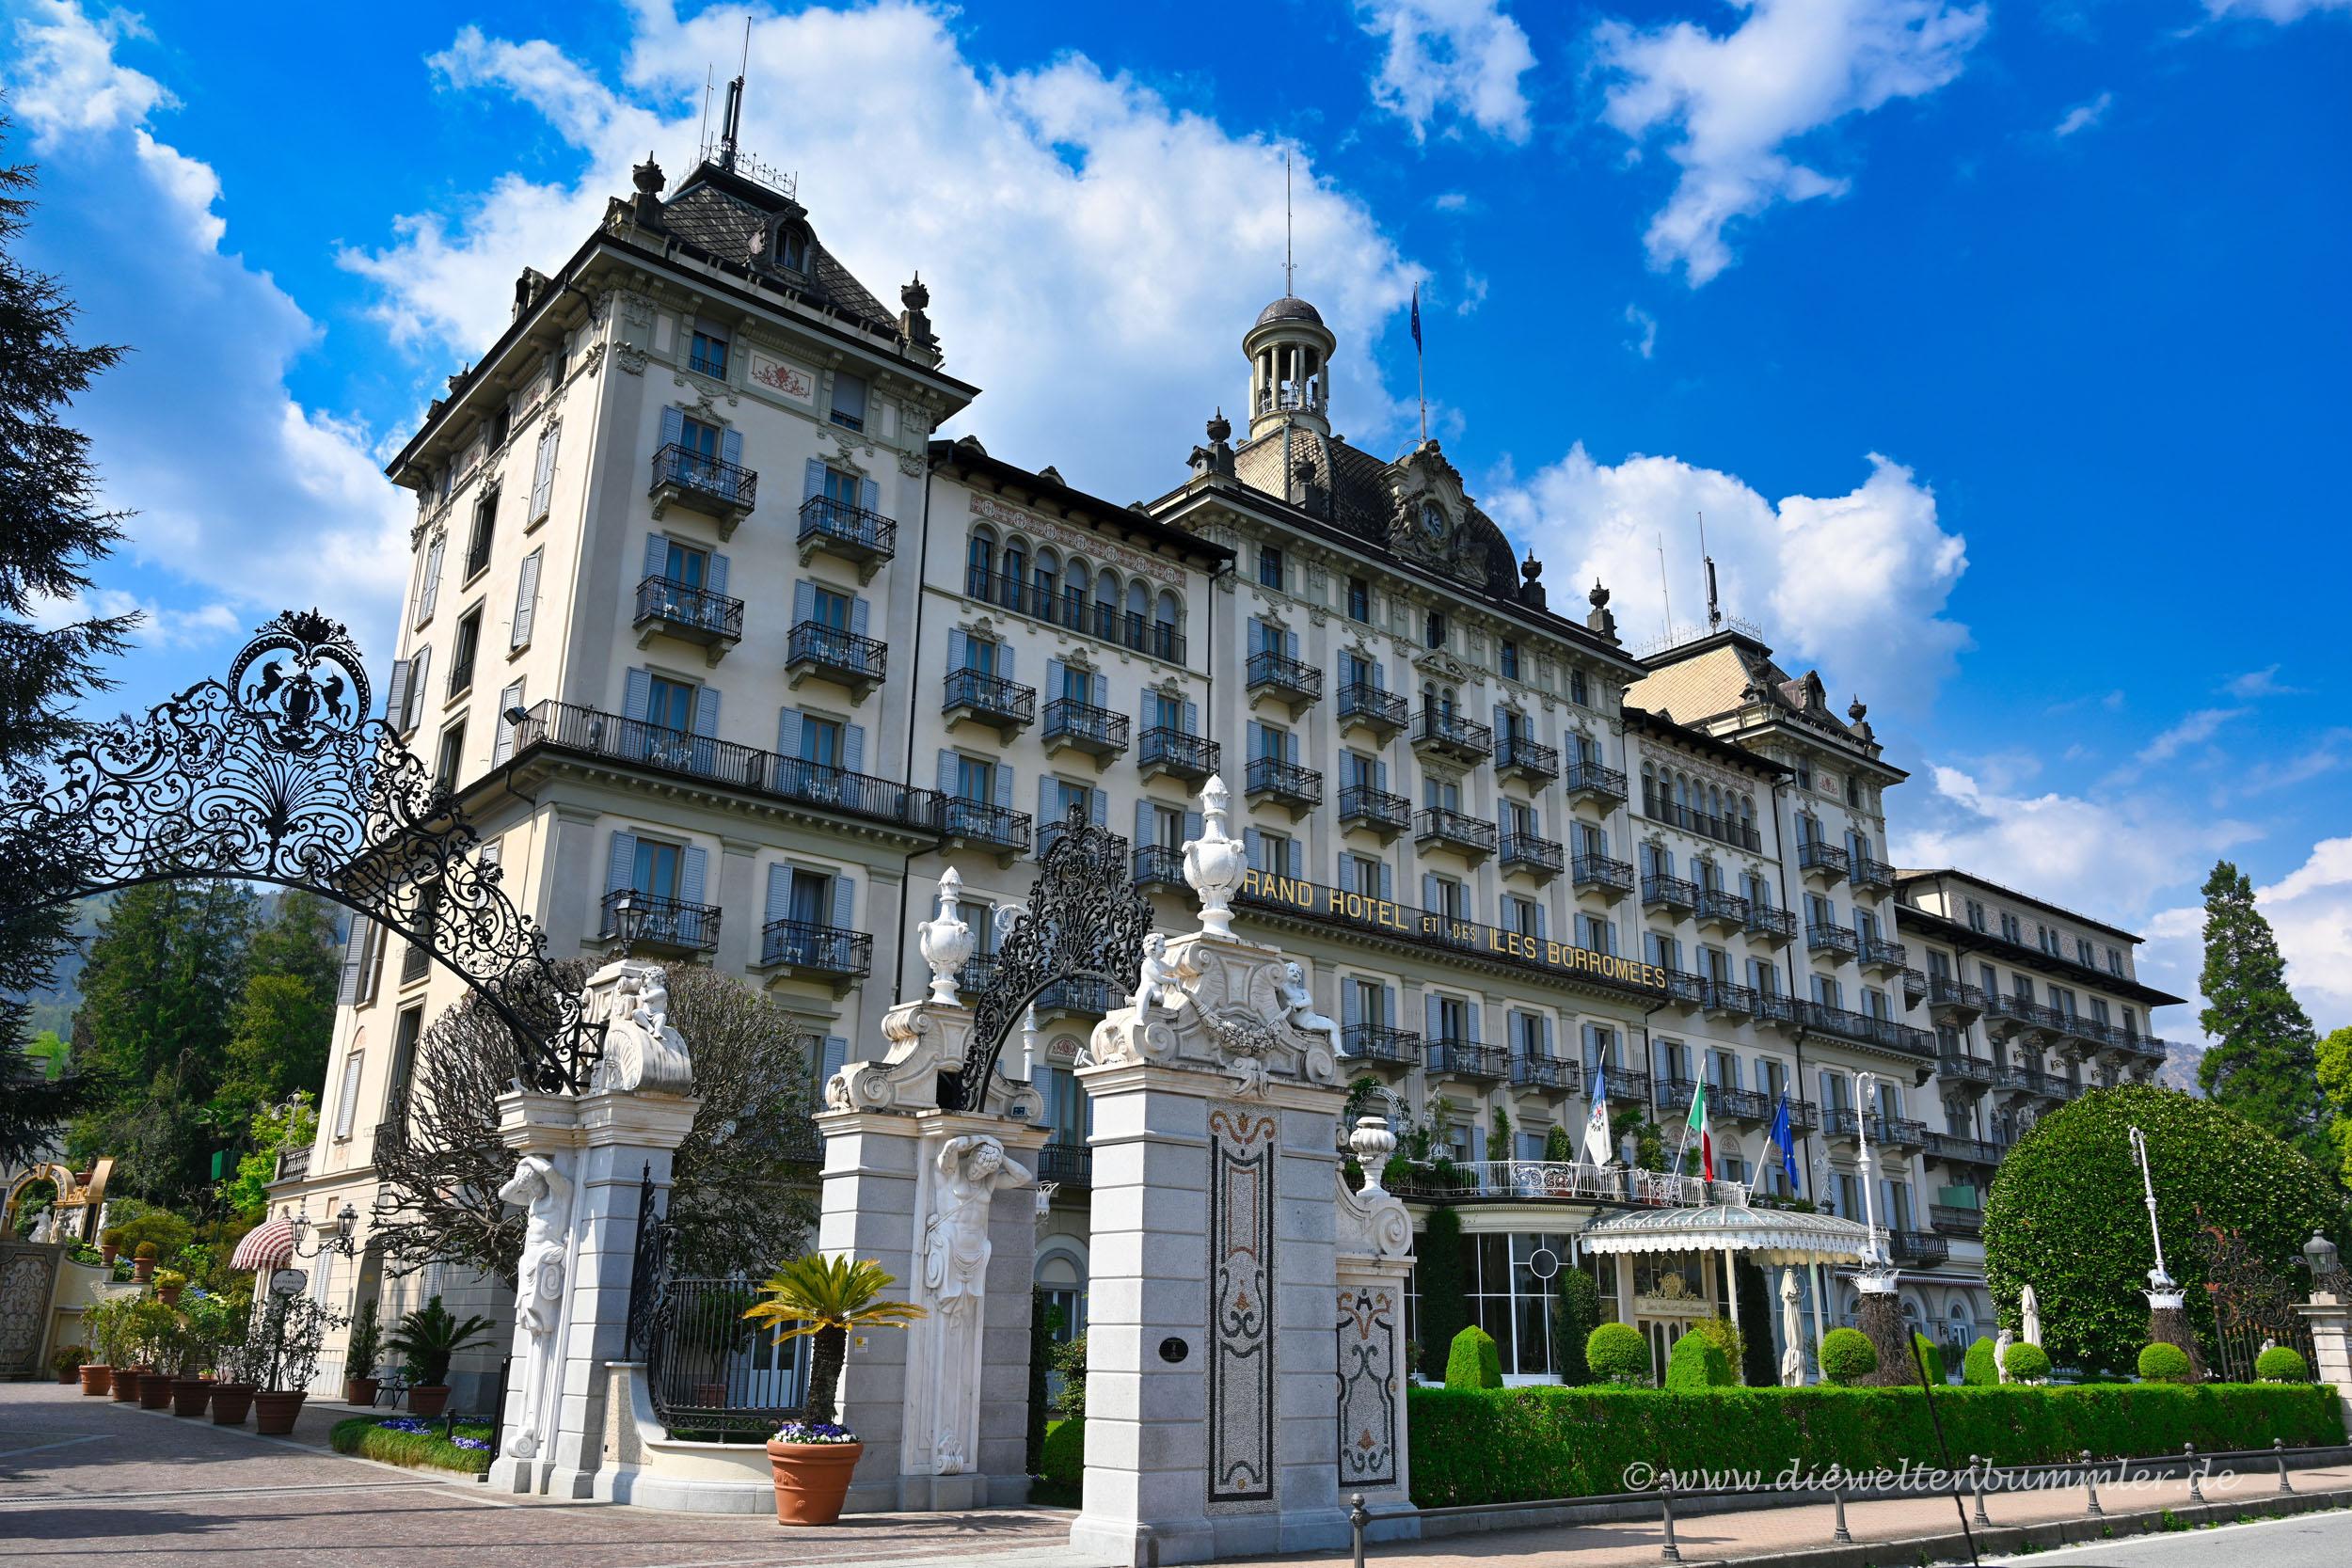 Hotel am Seeufer